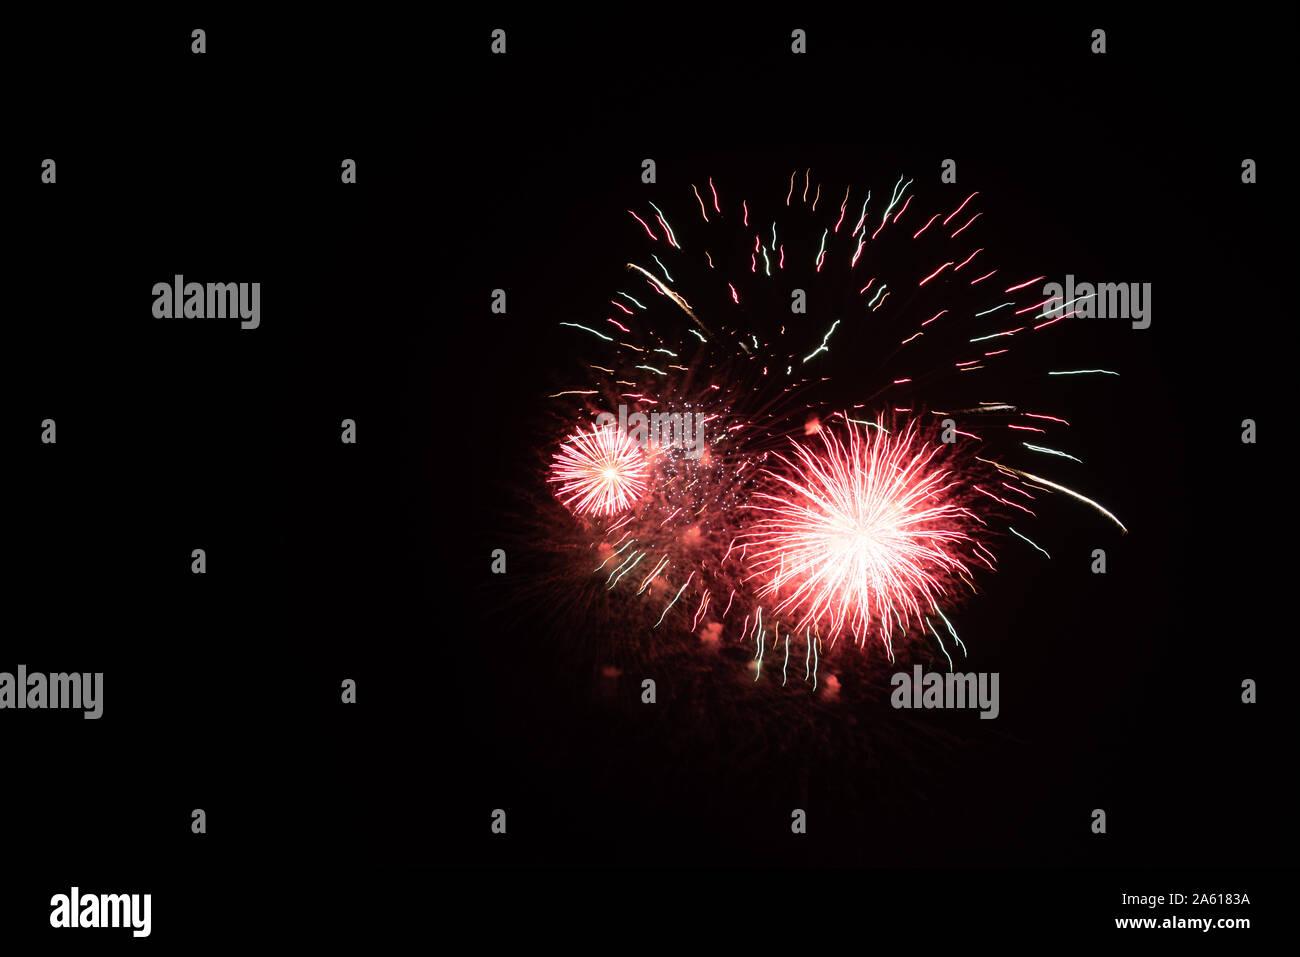 Fotografiar fuegos artificiales en el cielo de la noche con un tiempo de exposición y el negro como color de fondo de imagen de alta calidad para pc buenos antecedentes e impresiones artísticas. Foto de stock